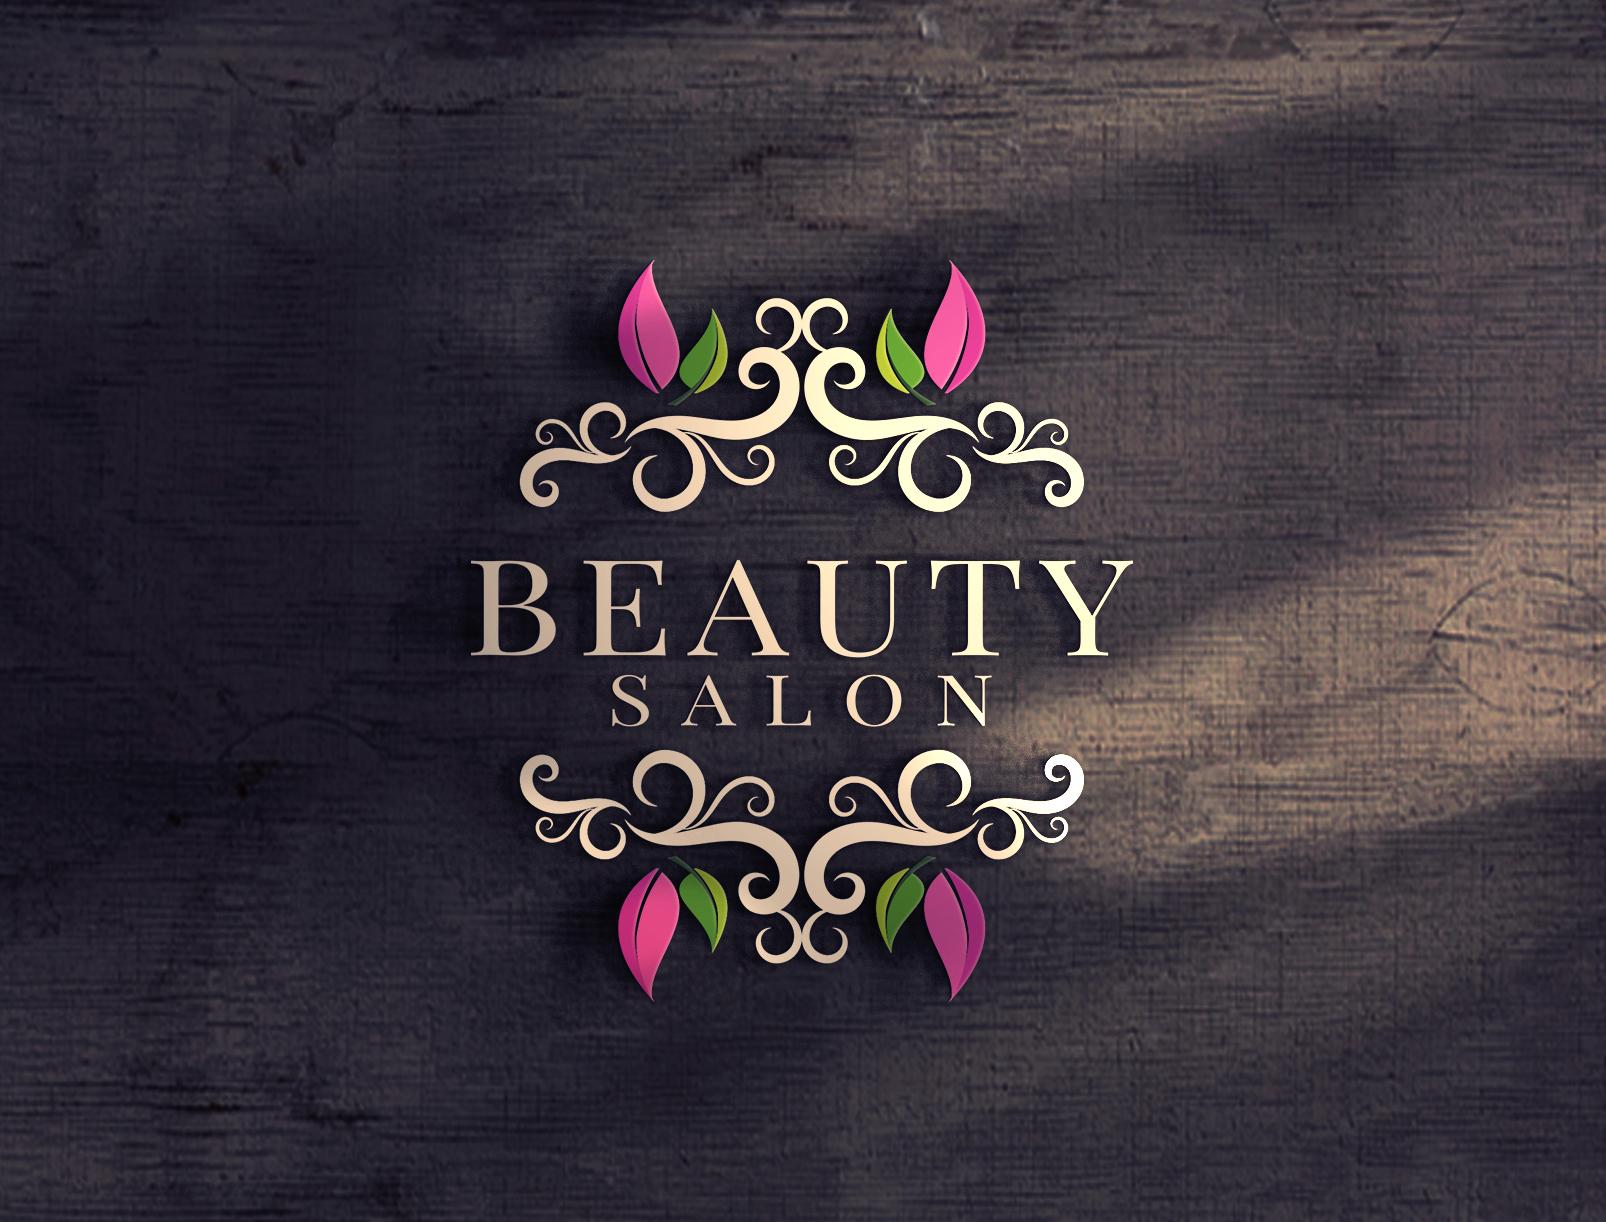 99 Logo Sale! HighQuality logo design for affordable